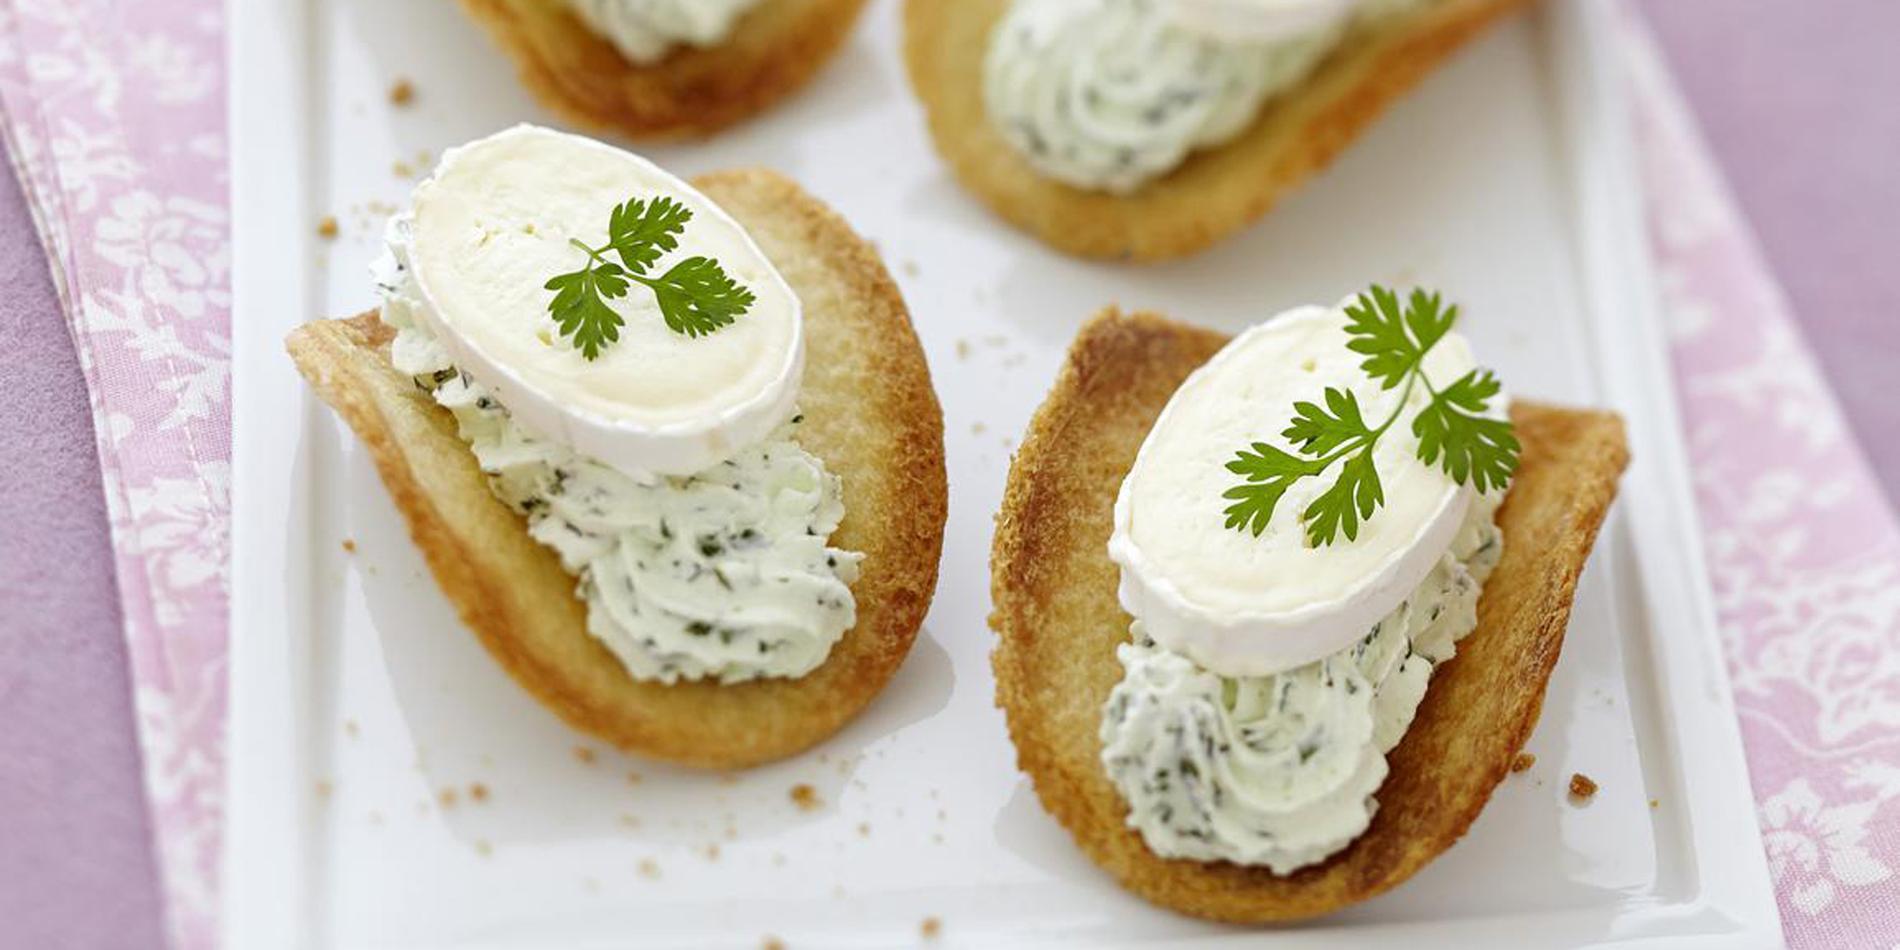 tuiles de pain de mie chantilly verte et fromage de vache - Canapes Aperitif Originaux